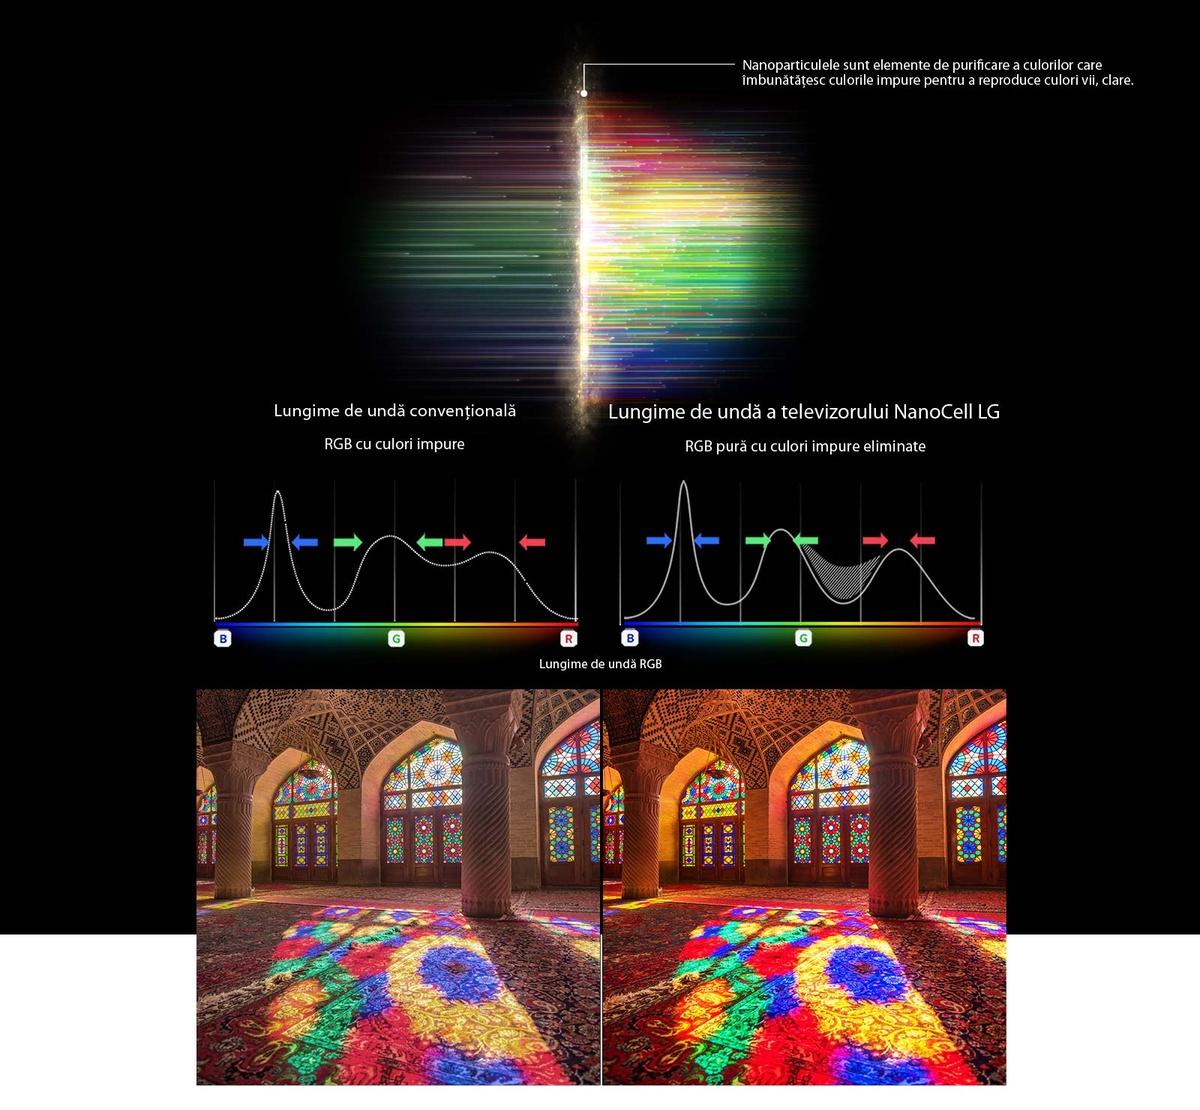 Graficul spectrului RGB filtrează culorile terne si imaginile Compararea puritătii culorilor între tehnologia conventională si NanoCell